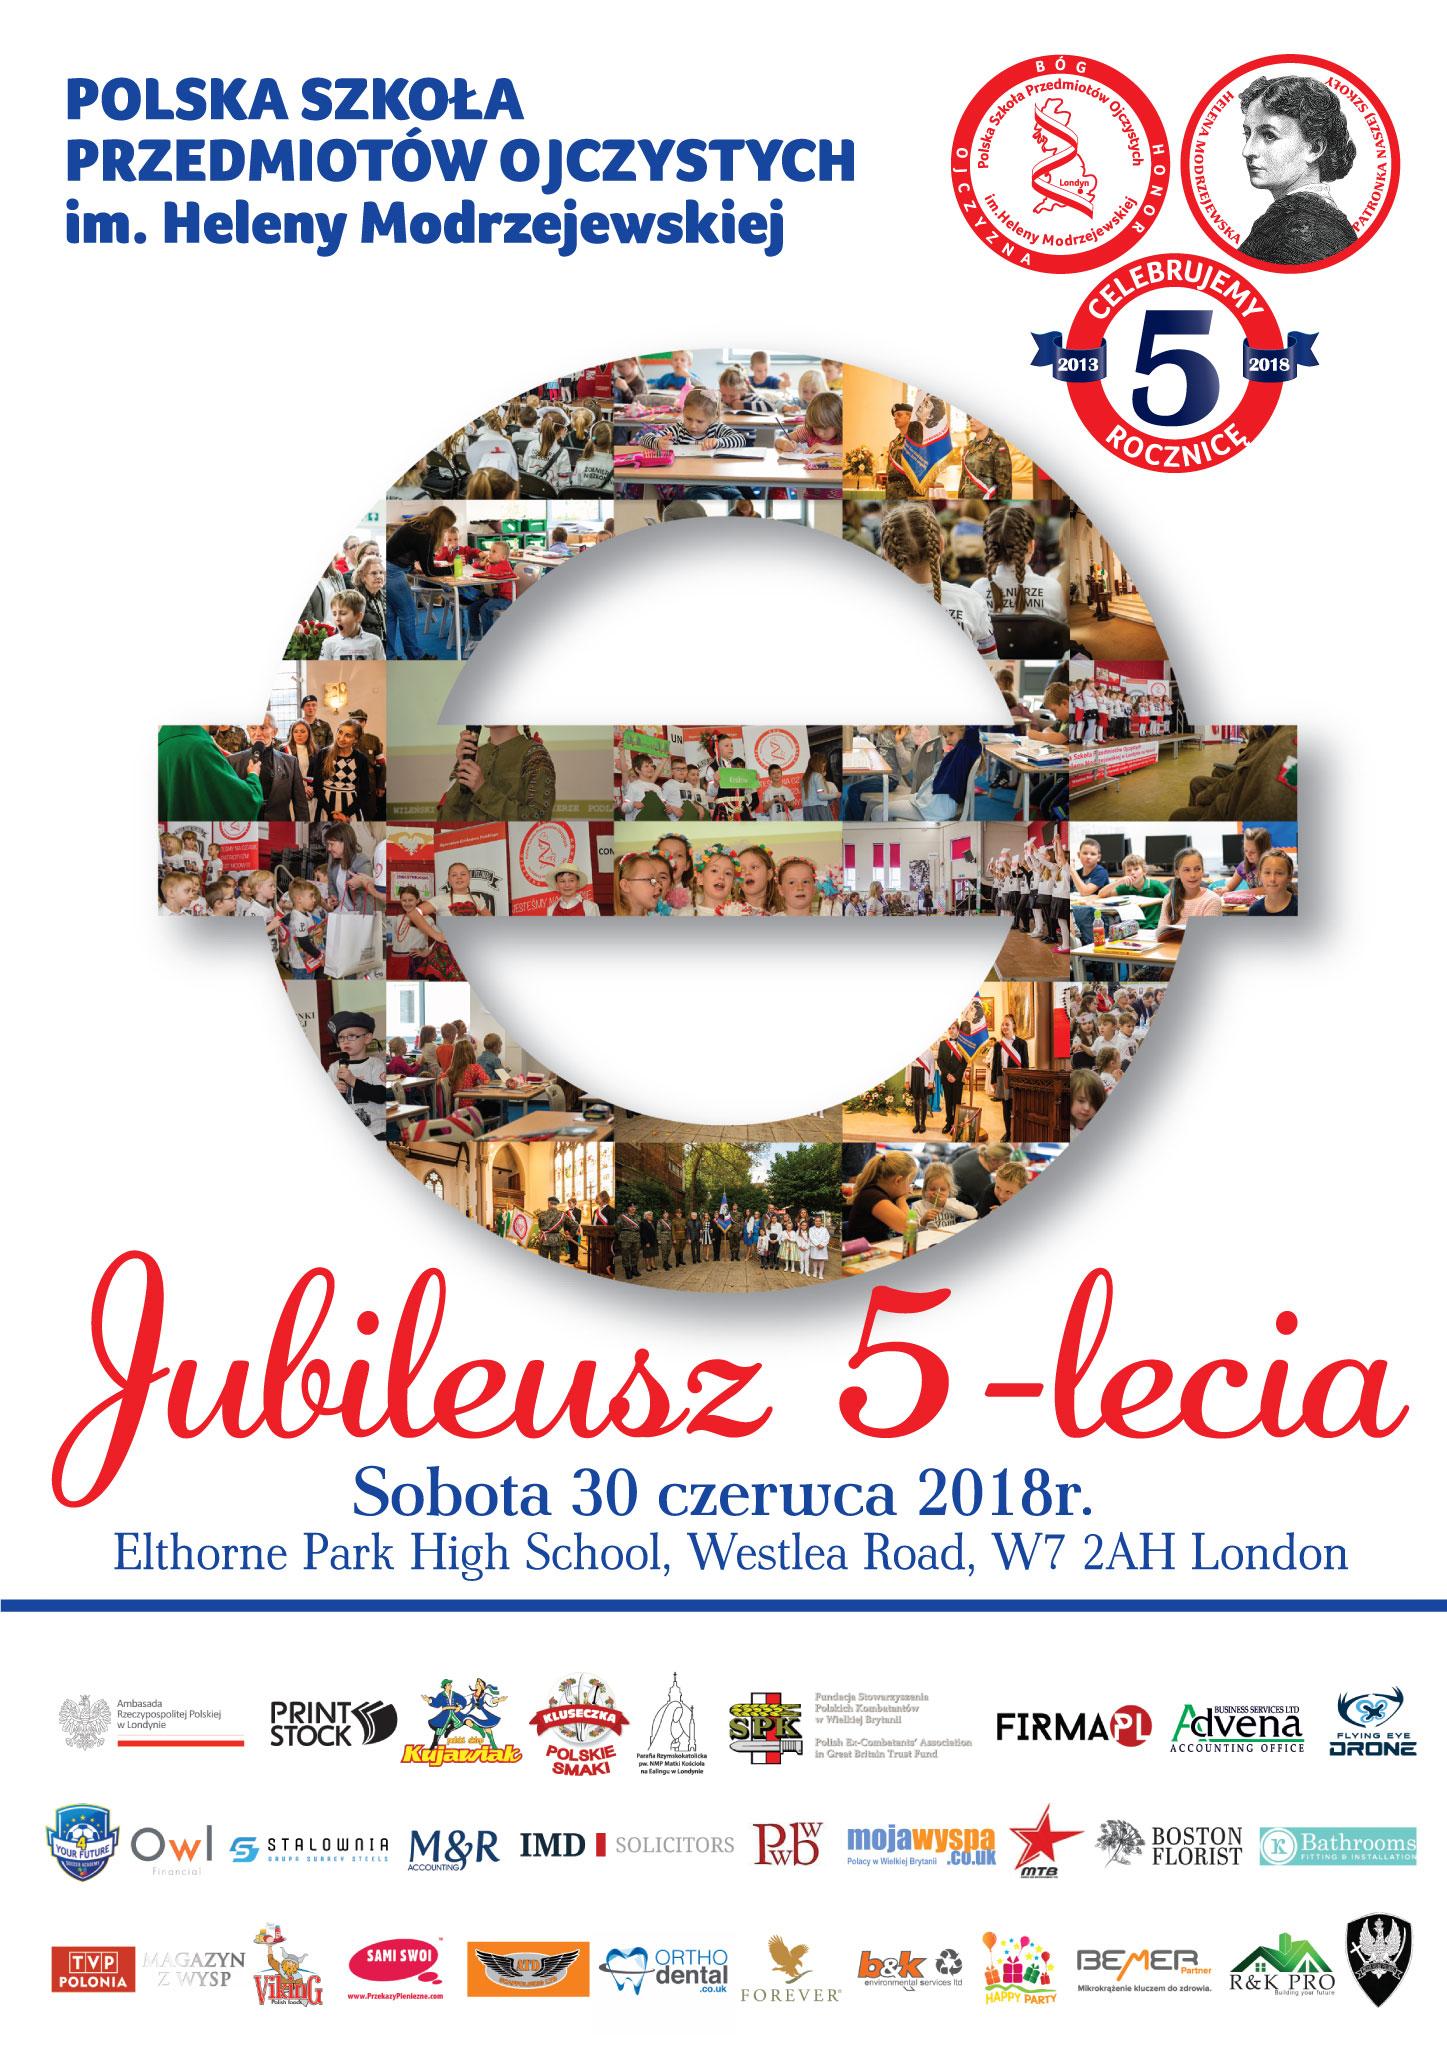 Jubileusz Plakat Jubileusz 5 lecia Szkoły